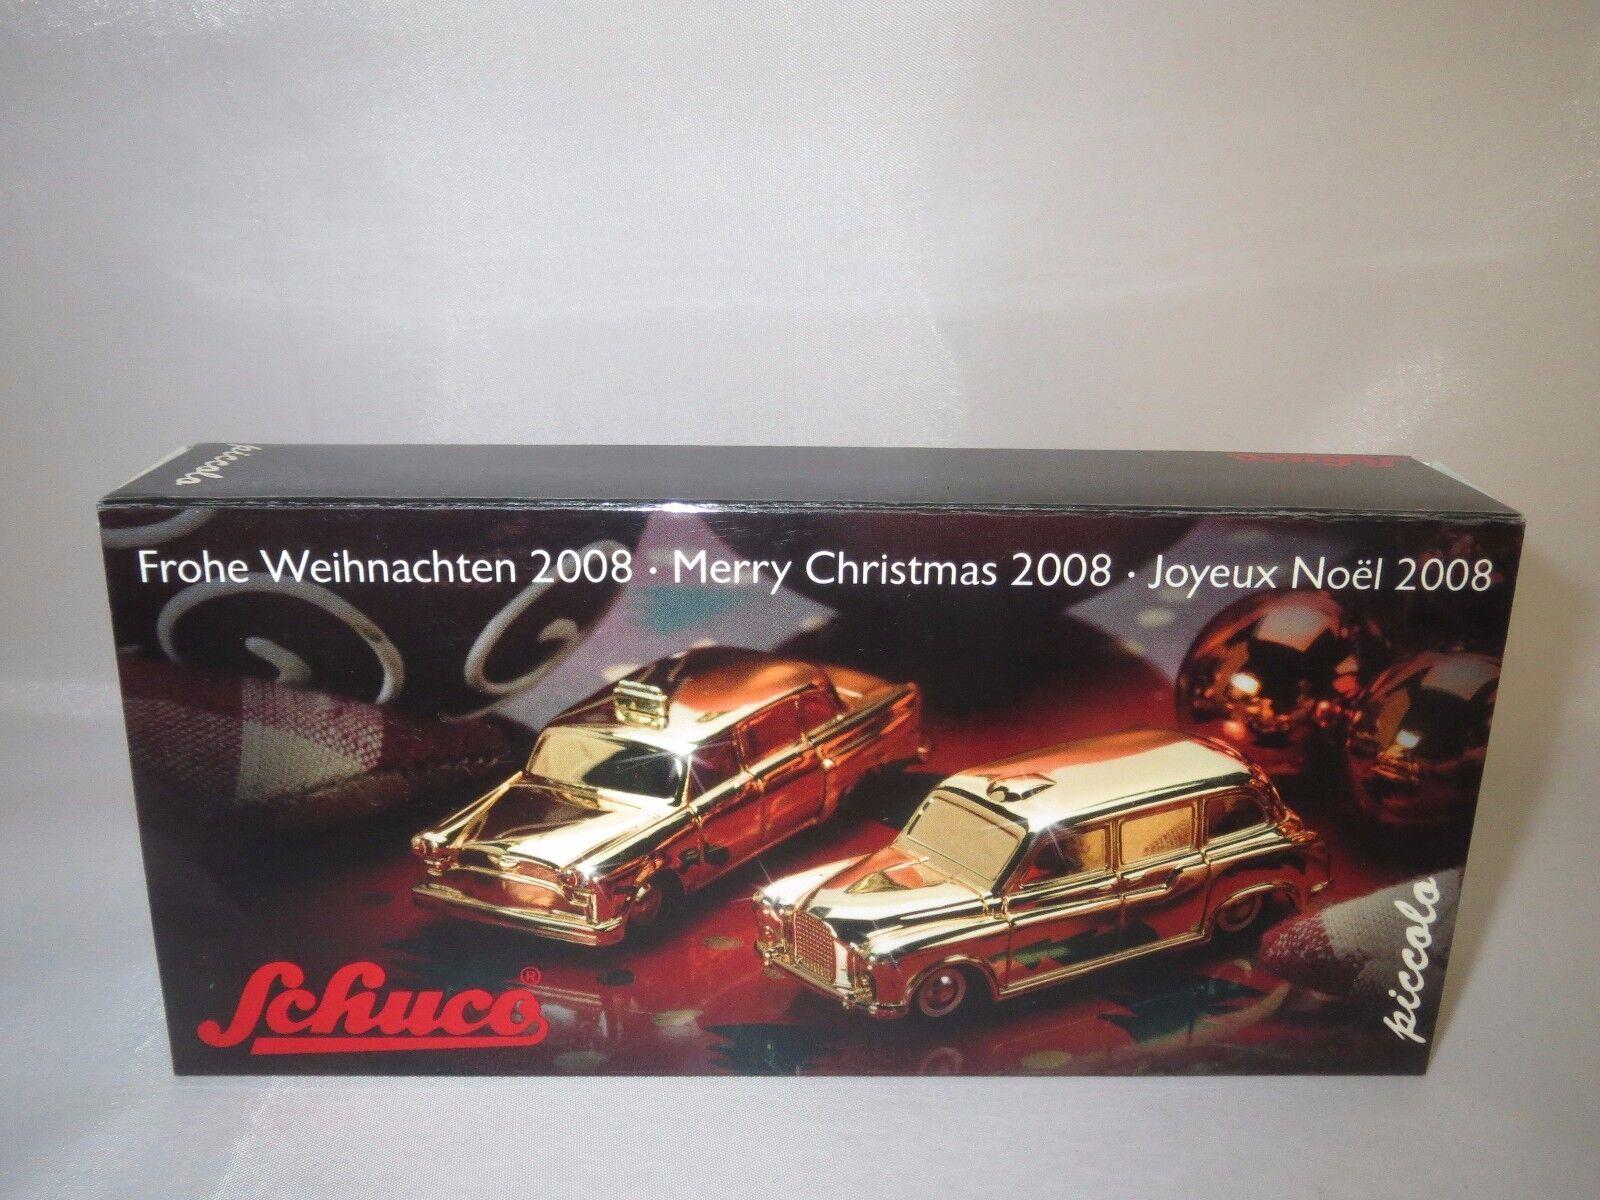 Schuco Piccolo set navidad  2008  (checker taxi taxi taxi & Austin FX) 1 90 embalaje original  50e912